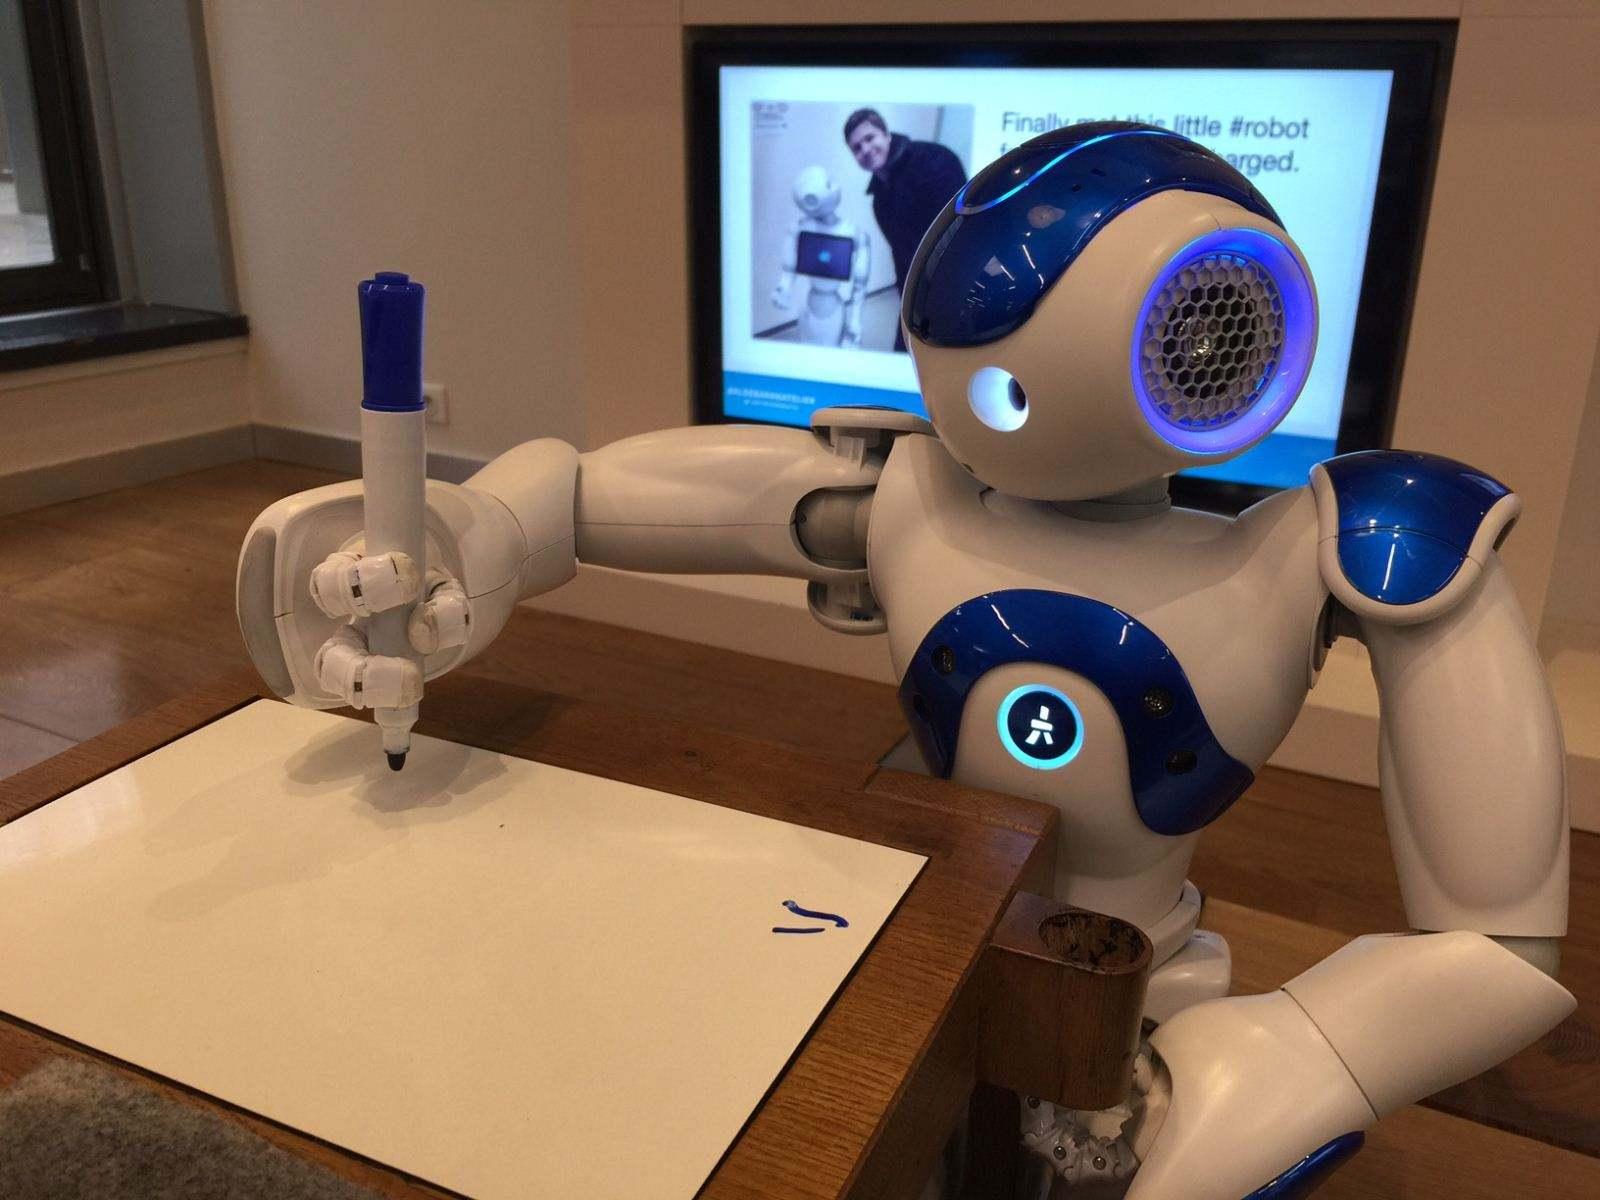 机器人将彻底取代人类工作?没那么夸张